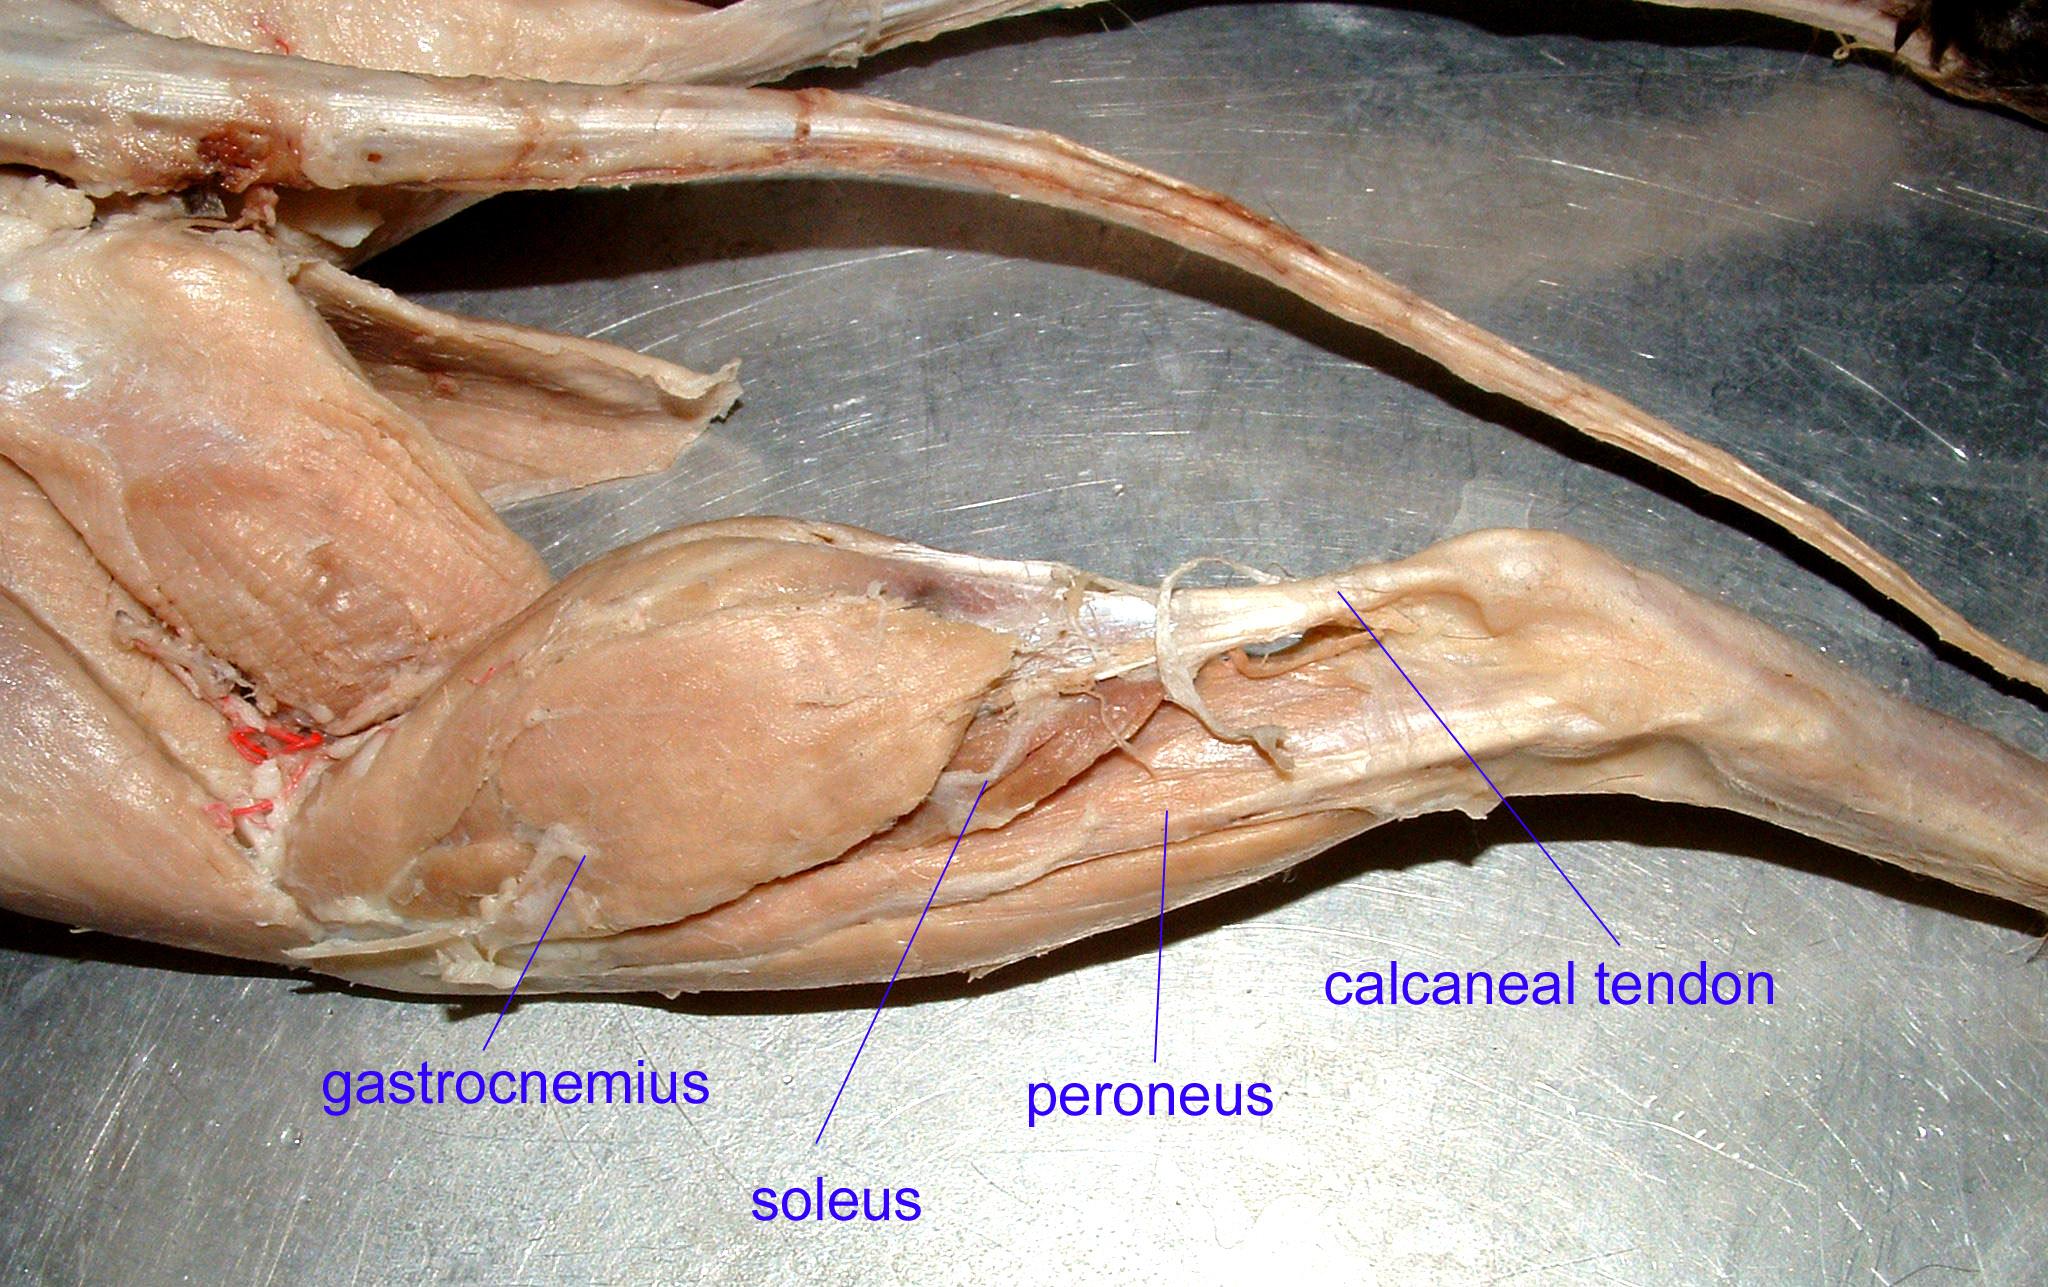 gastrocnemius cat - photo #4